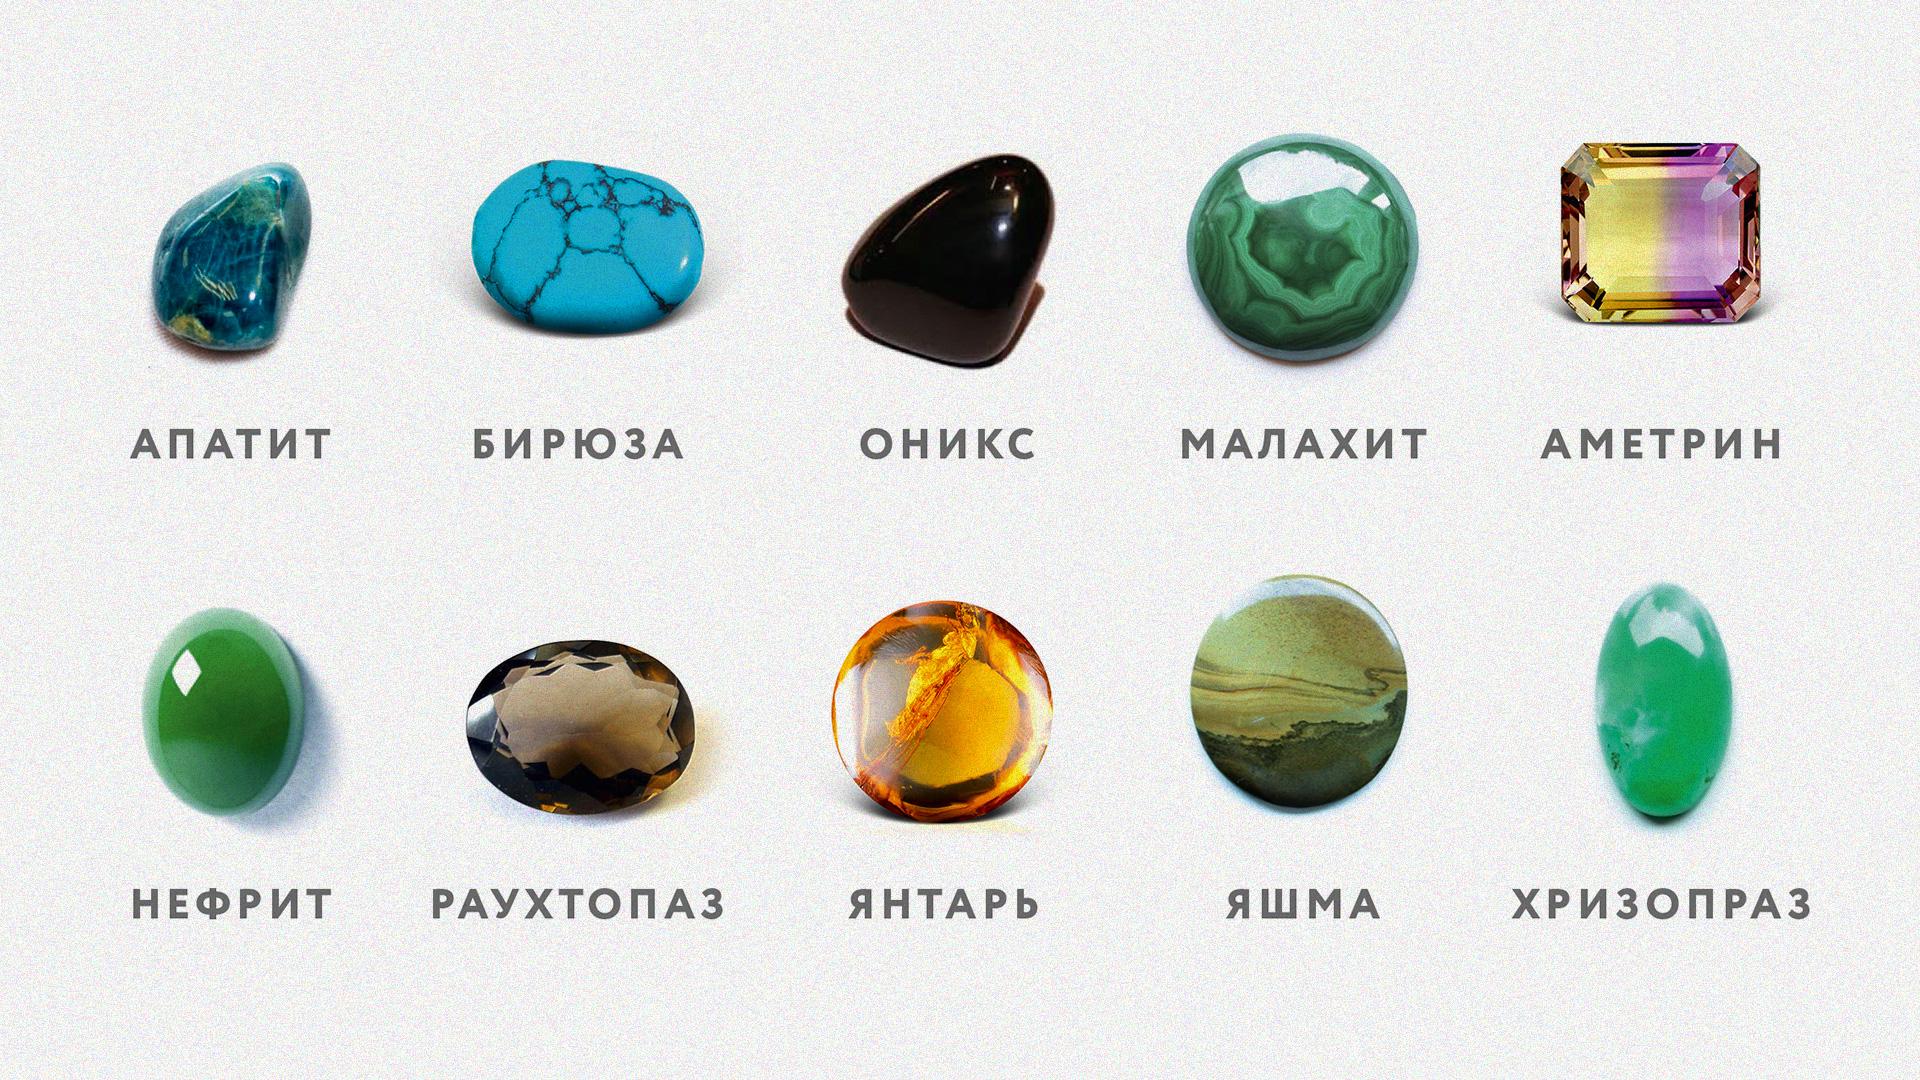 разновидности камней в картинках